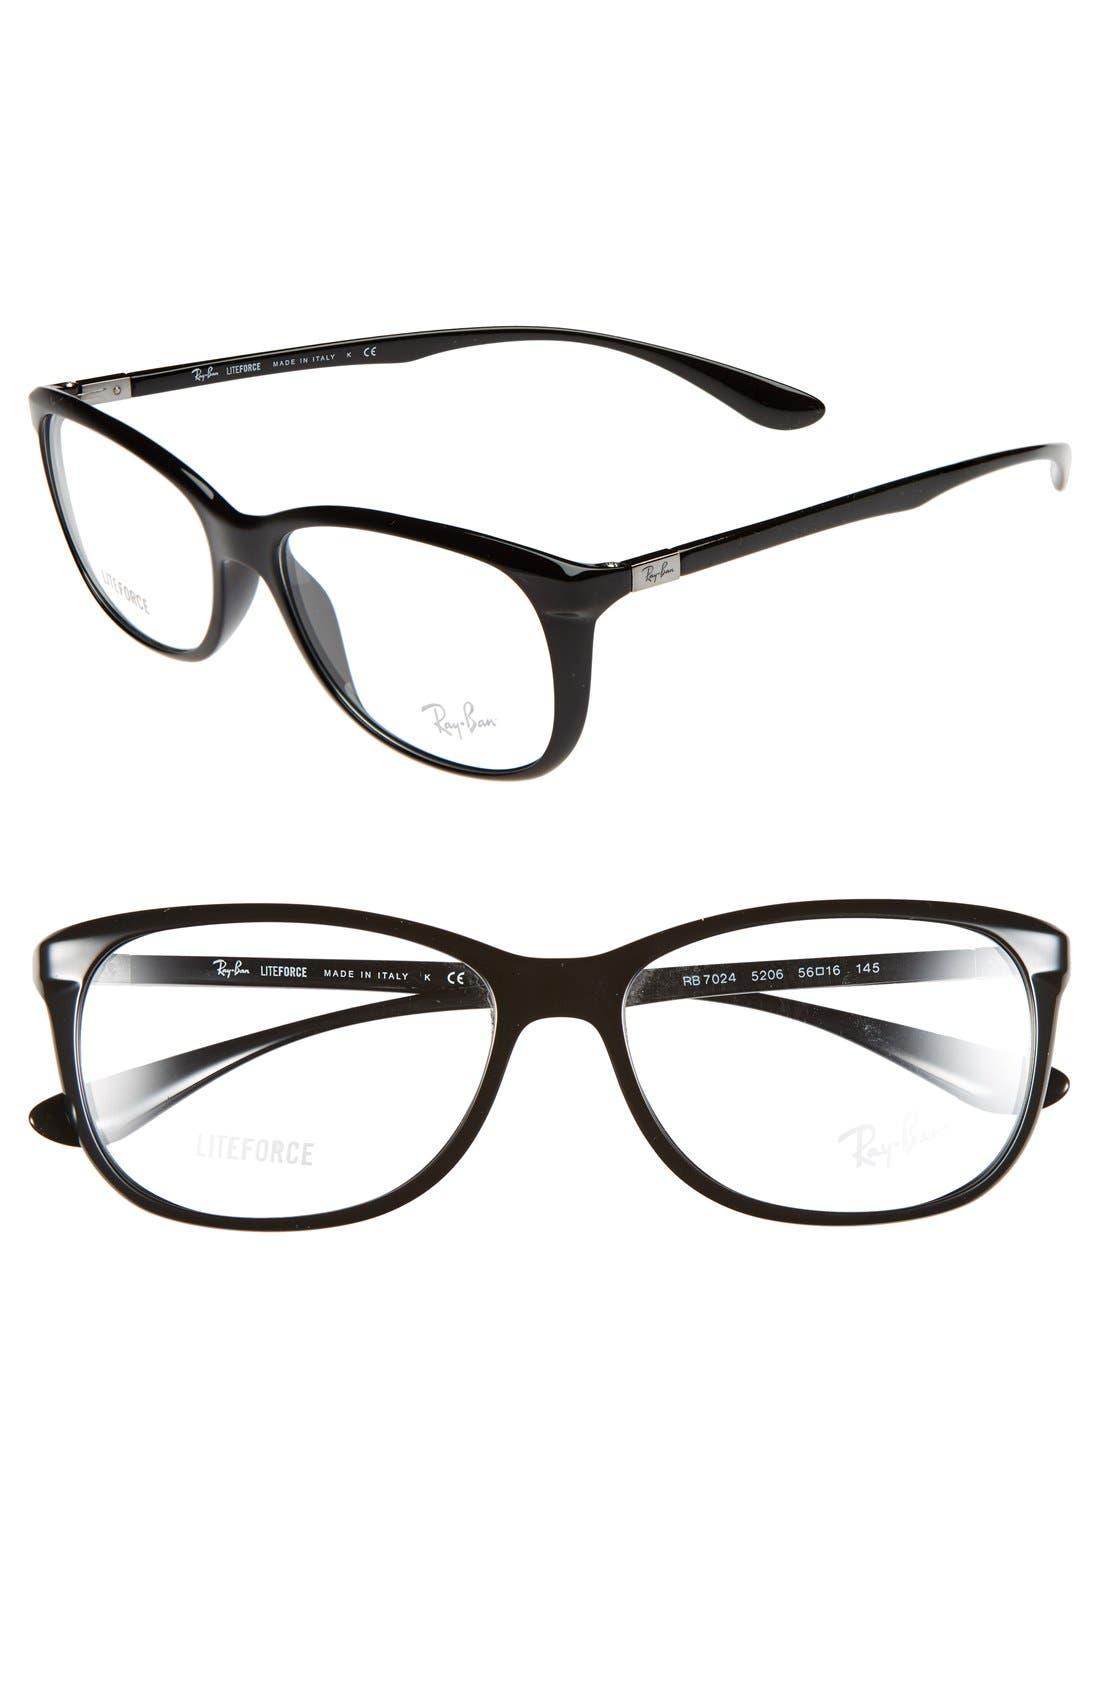 Main Image - Ray-Ban 56mm Optical Glasses